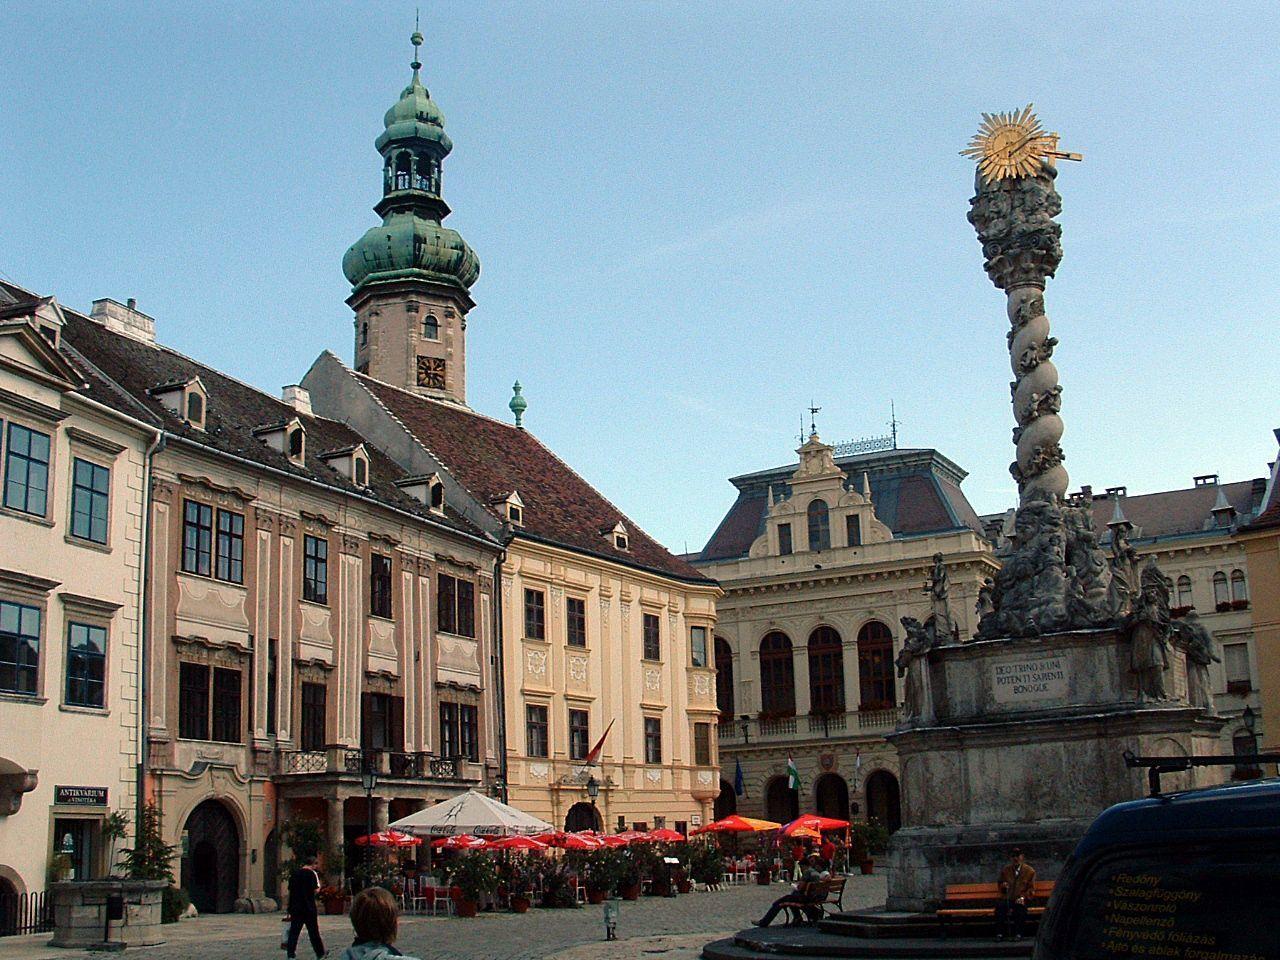 Sopron<br /><br />A soproni Szentháromság-szobrot az 1695-ös pestisjárvány idején állították. AFő térközepén emelkedő barokk alkotást Késmárki Thököly Éva Katalin és férje, Löwenburg Jakab emeltette fogadalmi emlékműként. Az adományozók térdeplő alakjai ott láthatók az adományozásról számot adó latin nyelvű felirat két oldalán.<br /><br />A virágfüzérekkel és puttókkal díszített csavart oszlop lábánál a Szűzanya áll szentekkel körülvéve, a korinthoszi oszlopfőt pedig a Szentháromság koronázza.